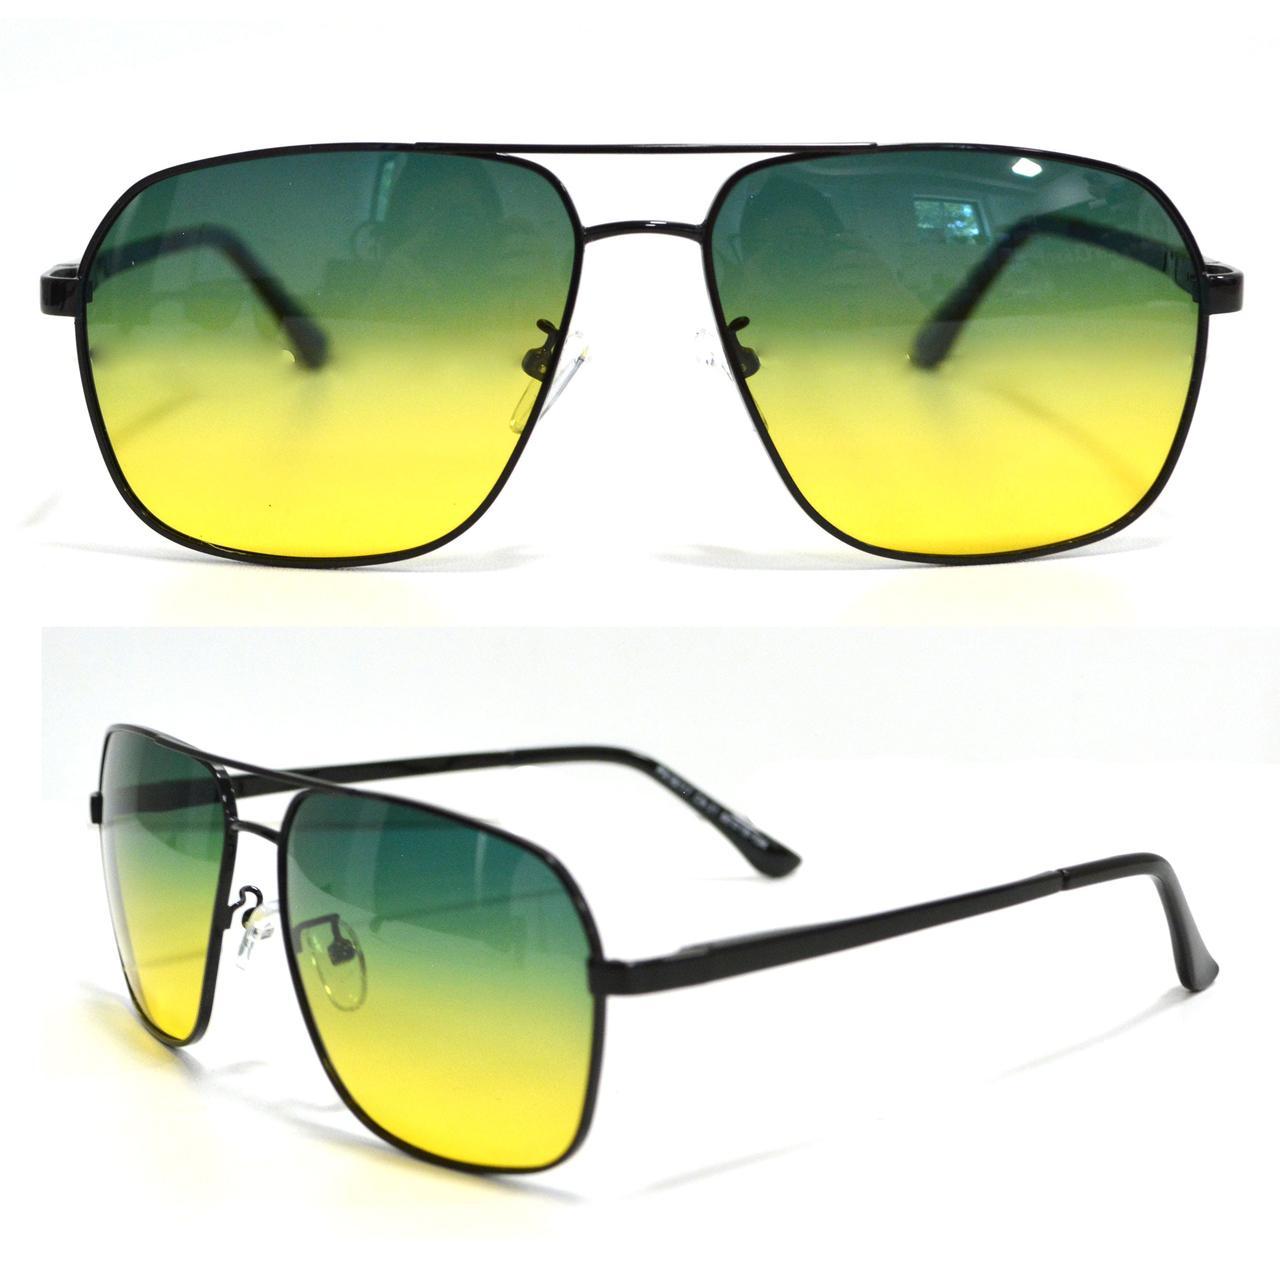 Солнцезащитные поляризационные очки ПОЛАРОИД UV400 тонкая сдвоенная оправа желто зеленые стекла АВТО PX16117 - фото 1